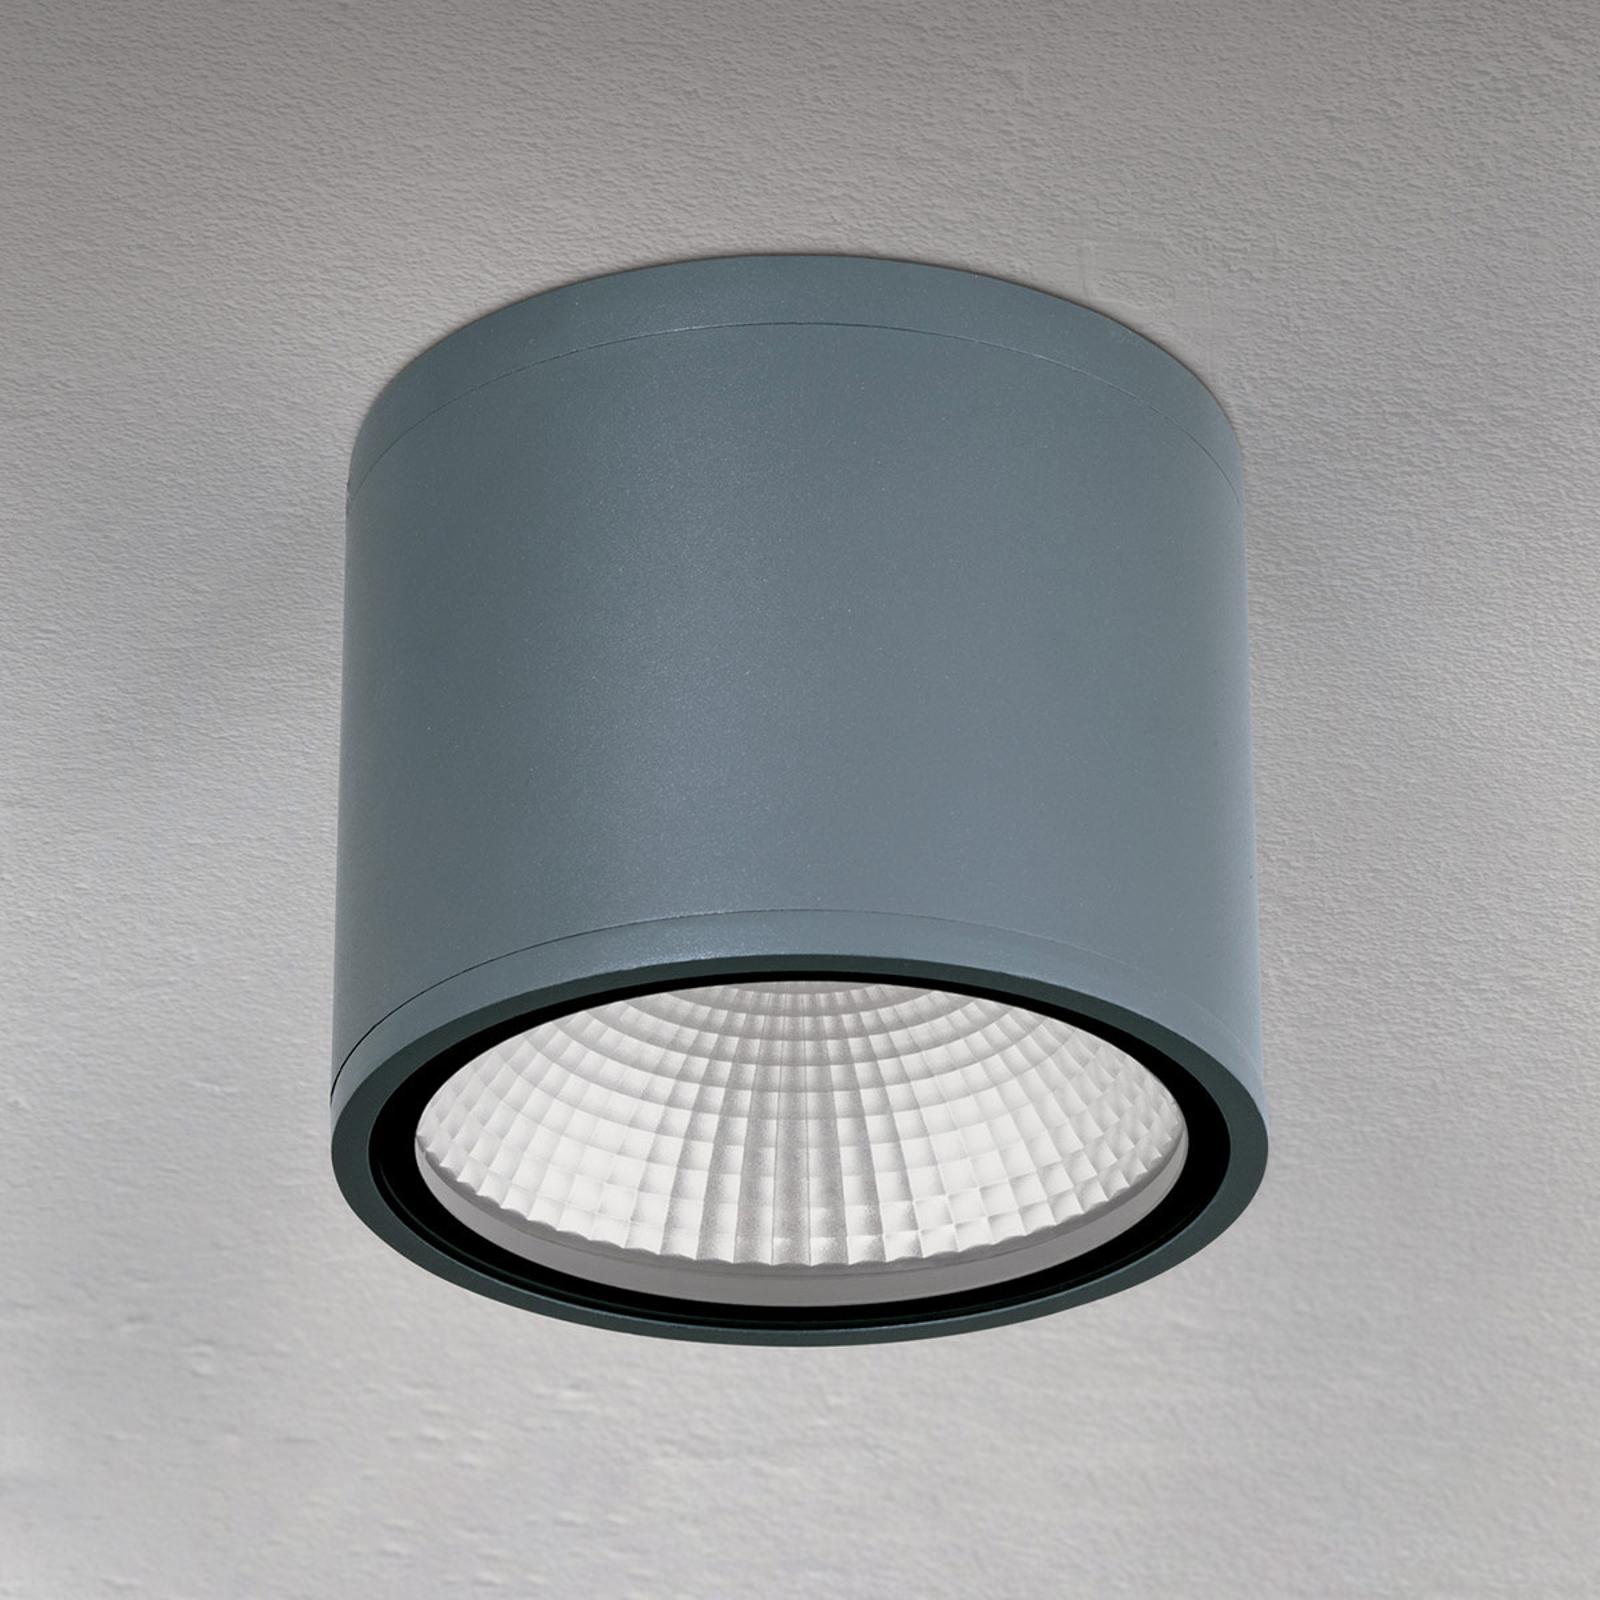 LED-kattokohdevalo Sputnik IP65 Ø 14,5 cm